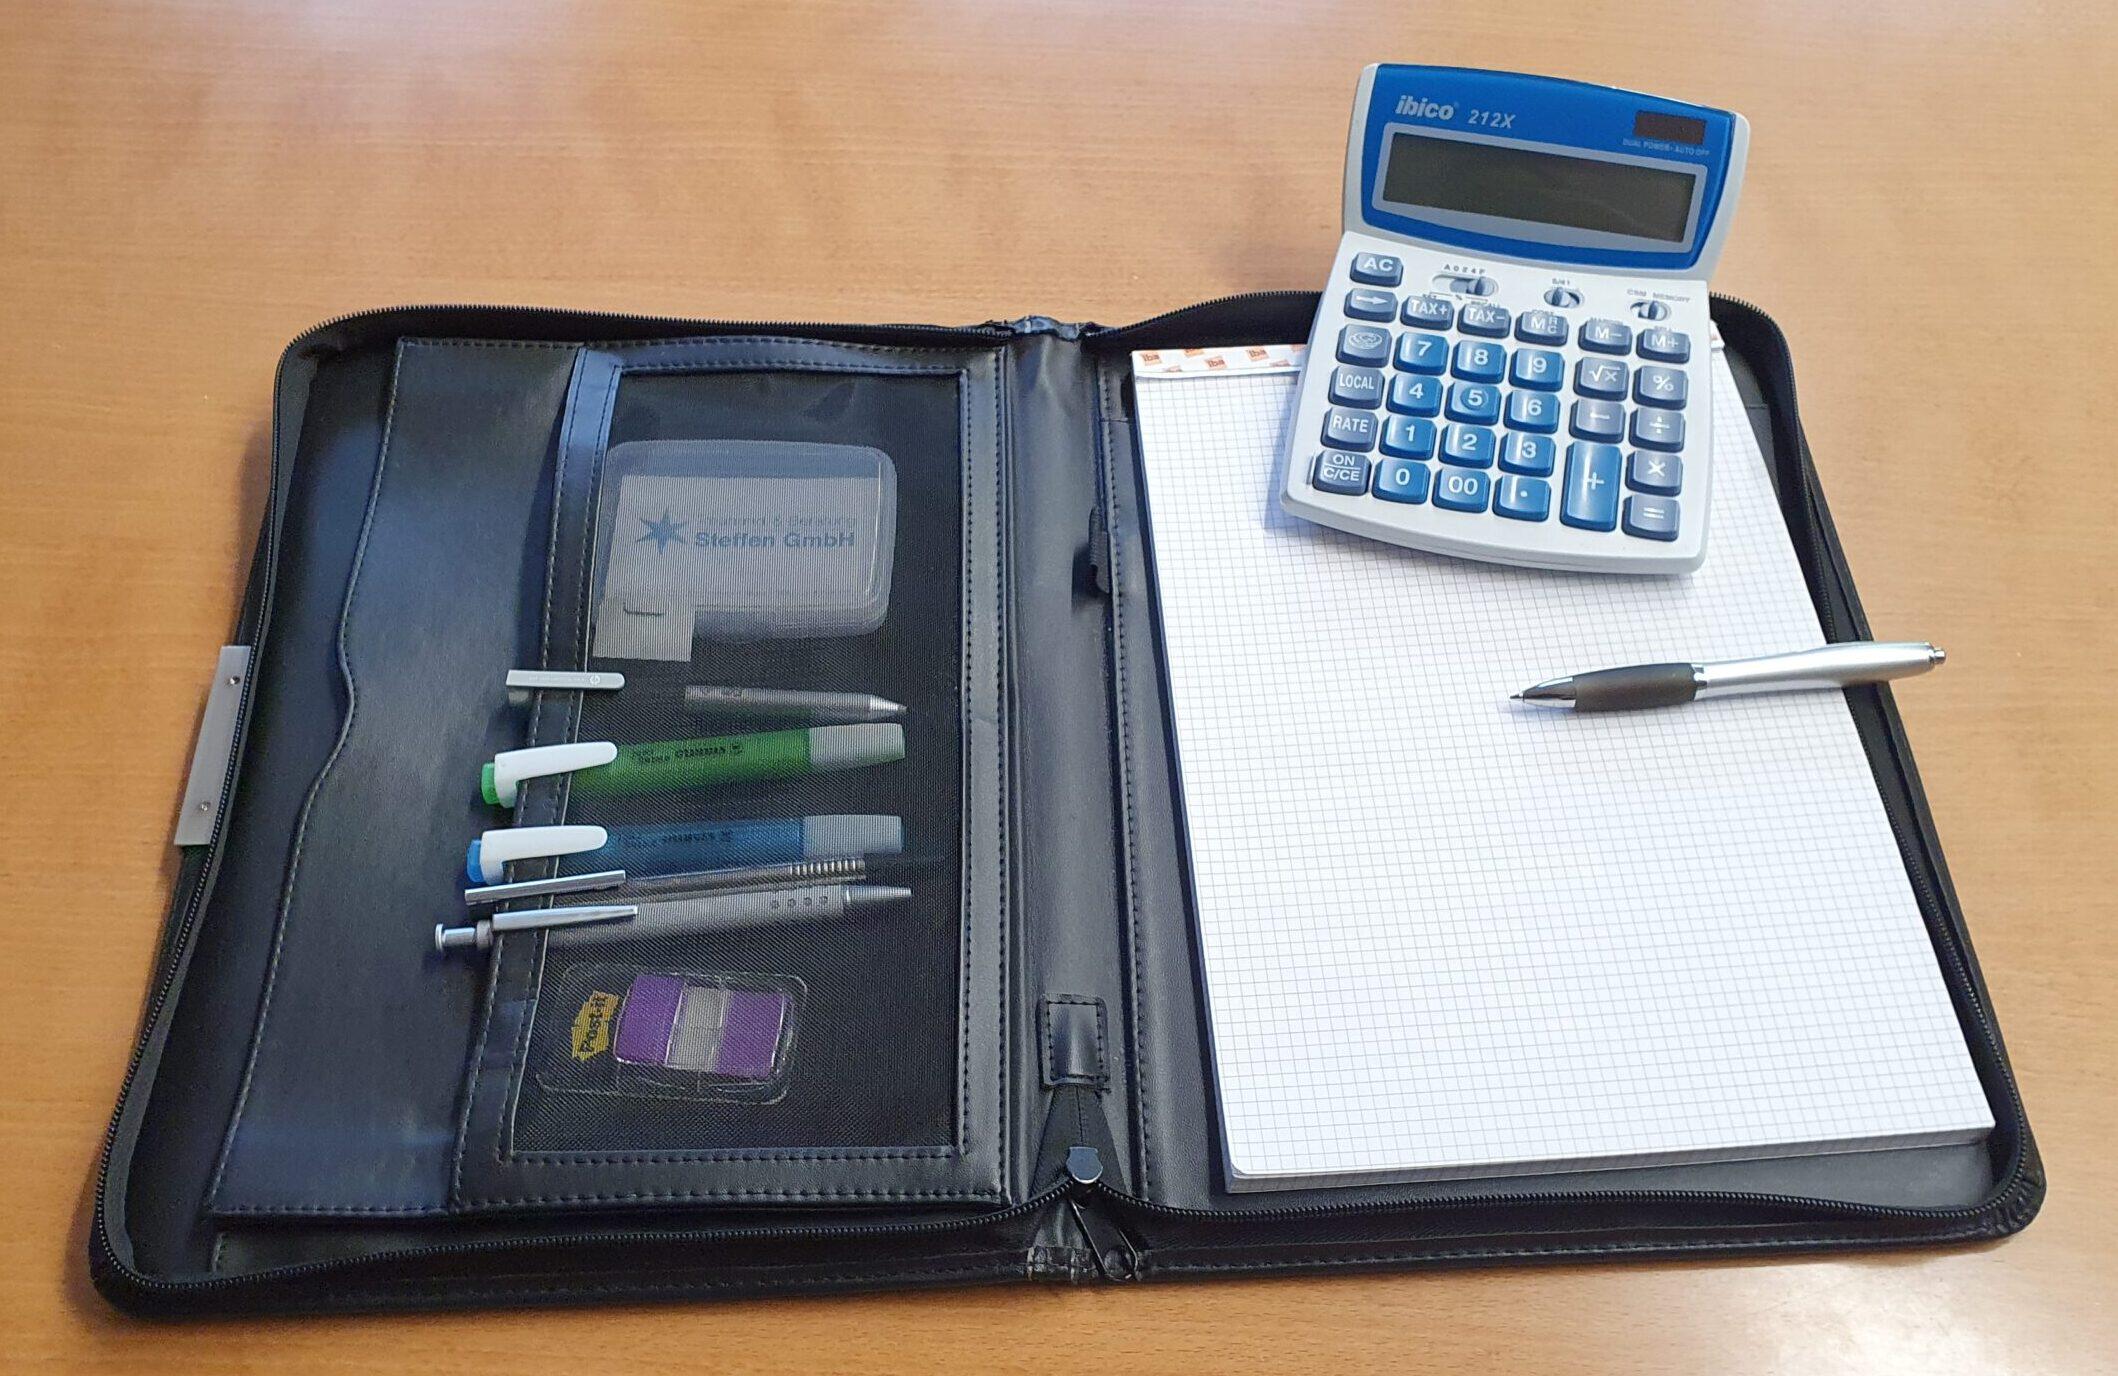 Aktenmappe mit Rechner und Kugelschreiber